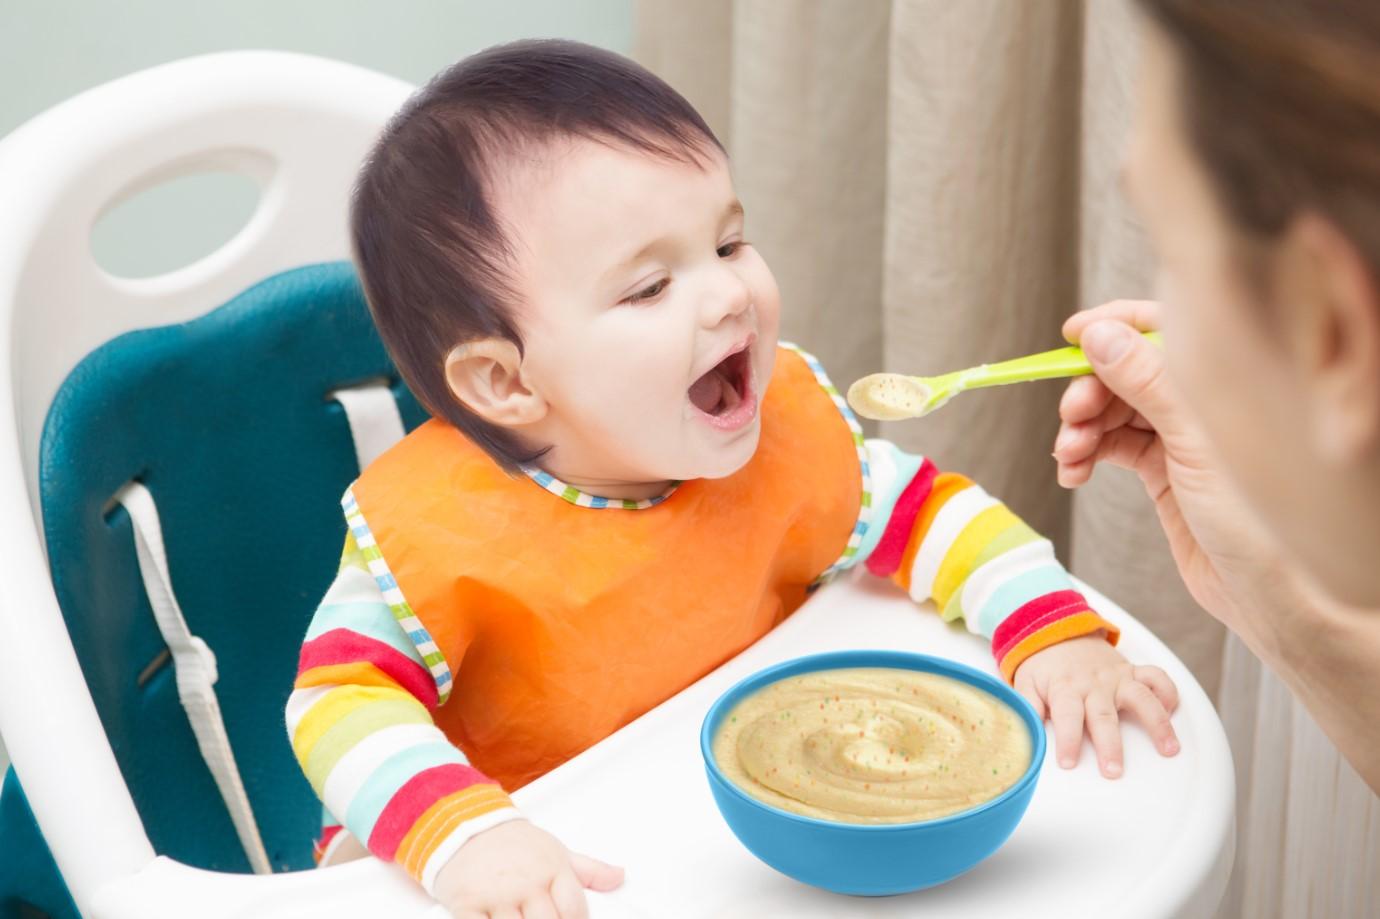 Những lưu ý mẹ cần làm cho con ăn dặm giai đoạn 6 - 12 tháng tuổi